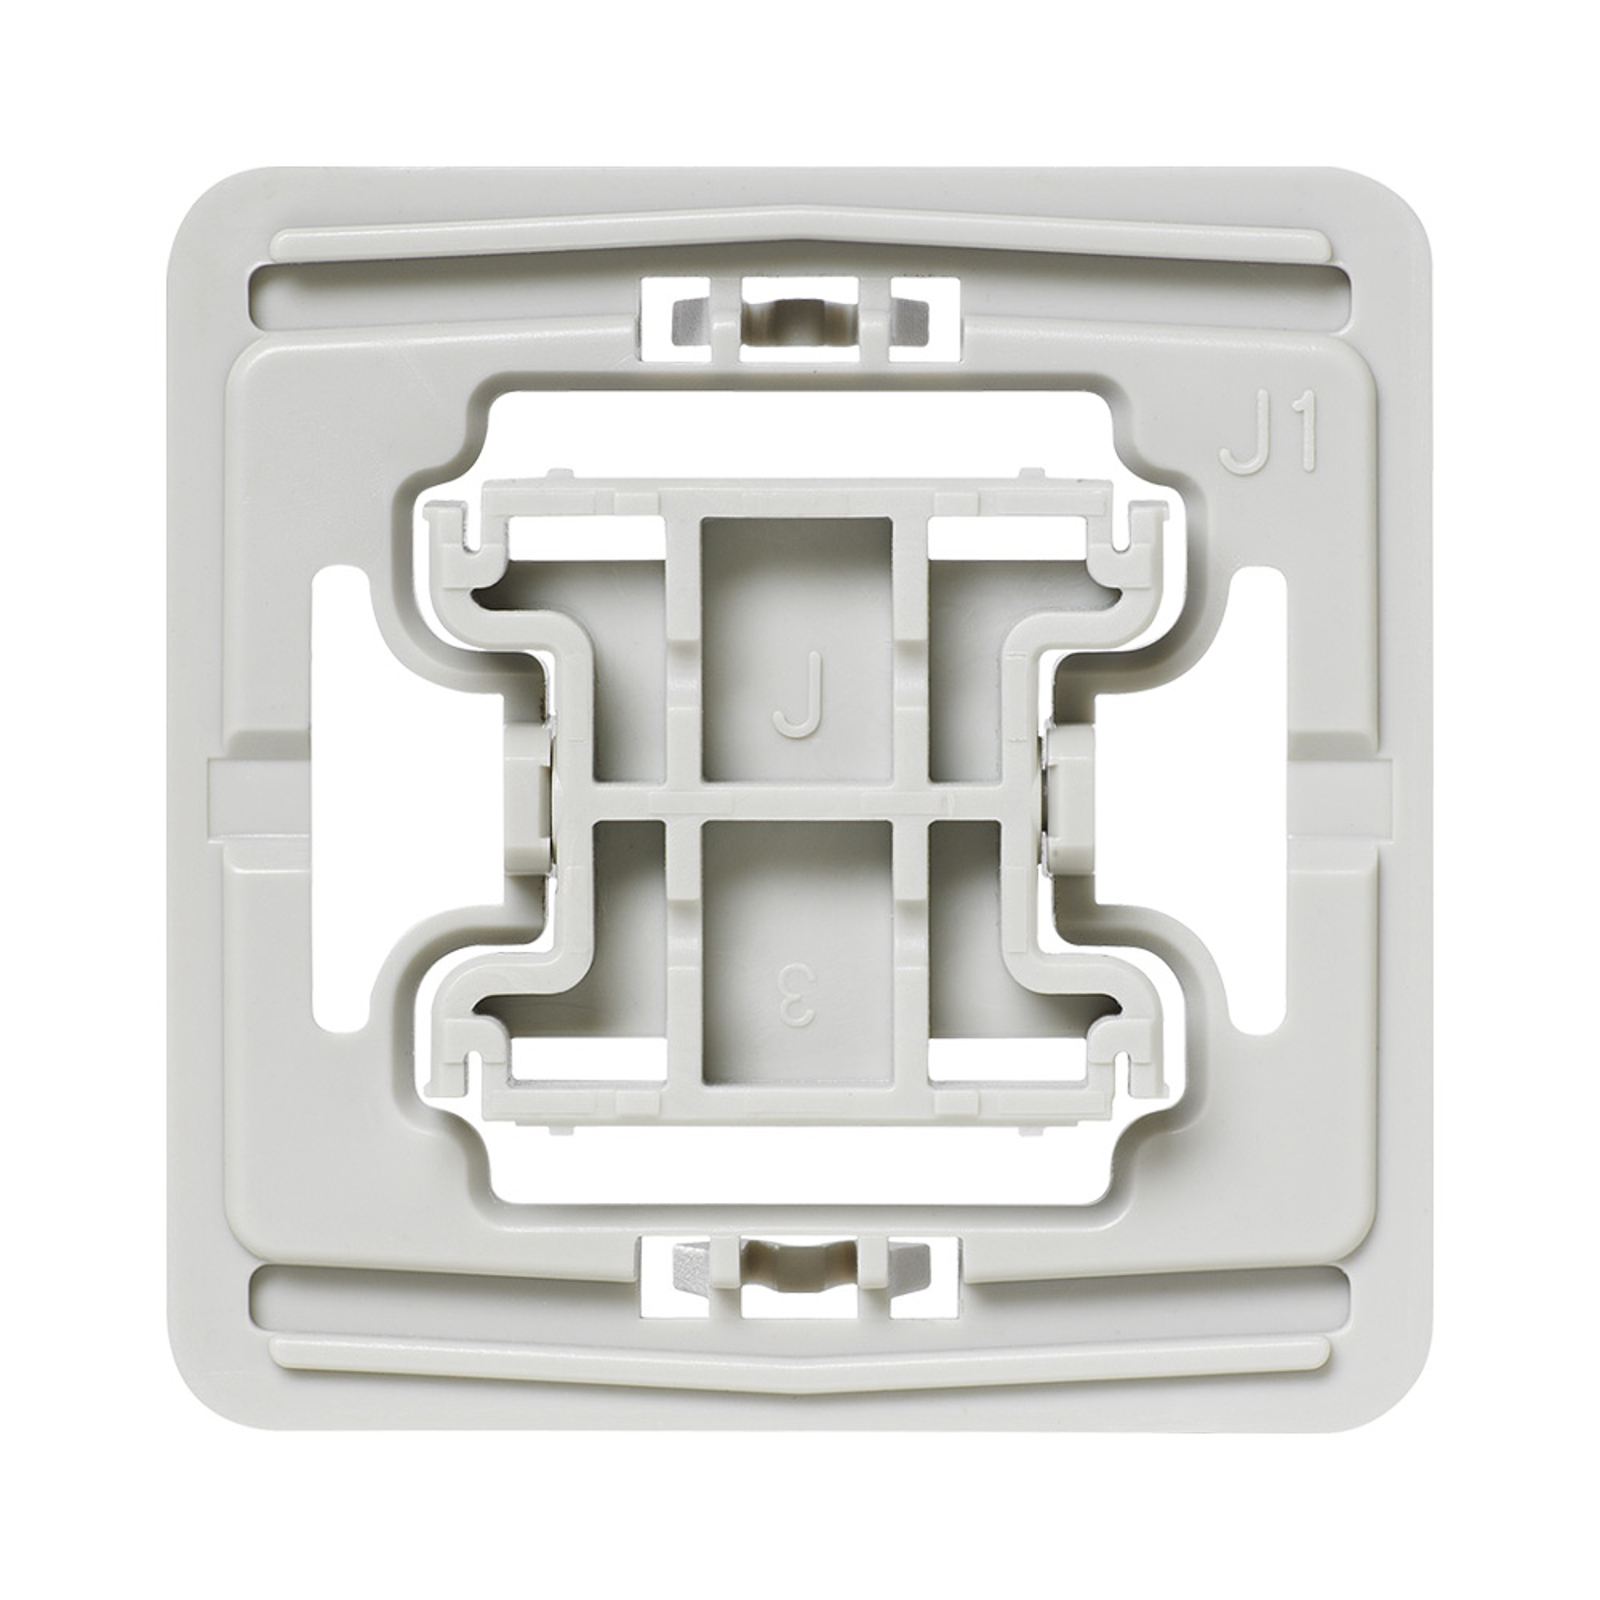 Homematic IP adaptador interruptor Jung J1 1x